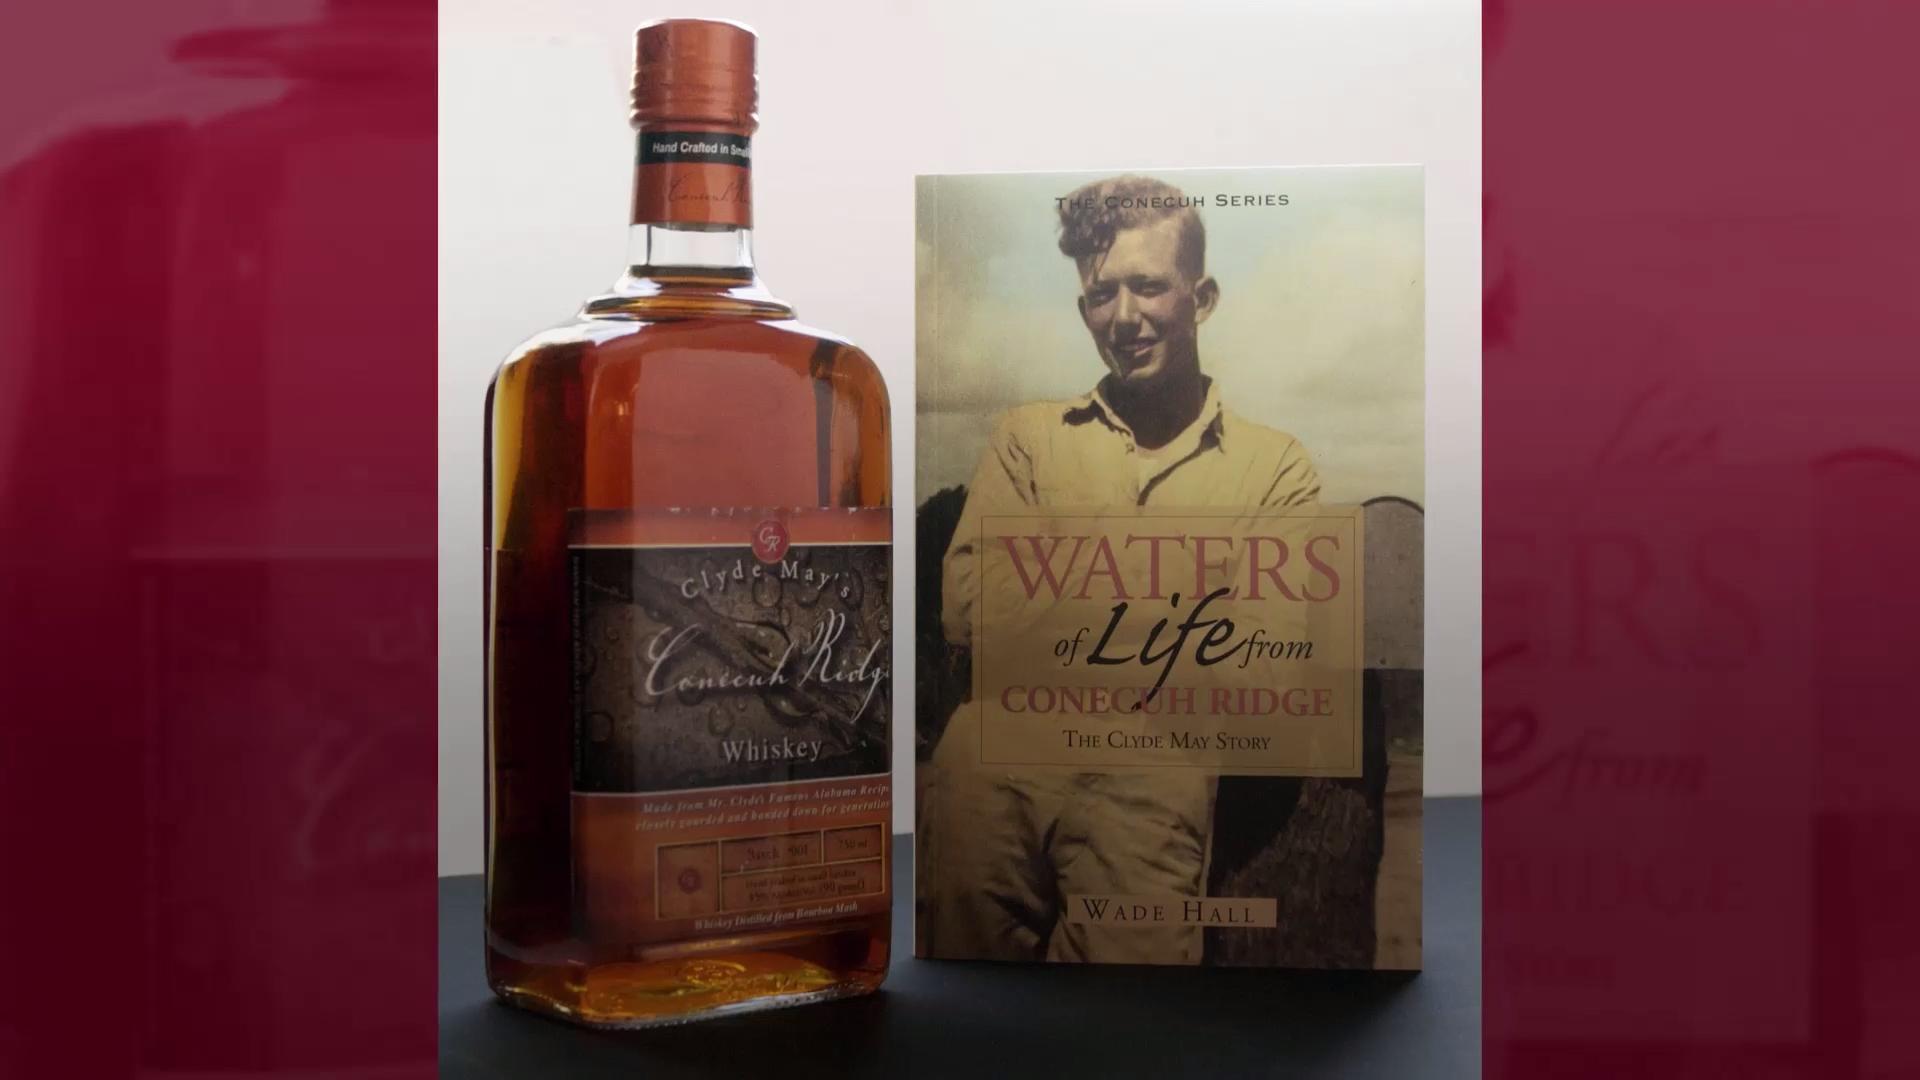 克莱德·梅的阿拉巴马式威士忌最终将在阿拉巴马州生产。